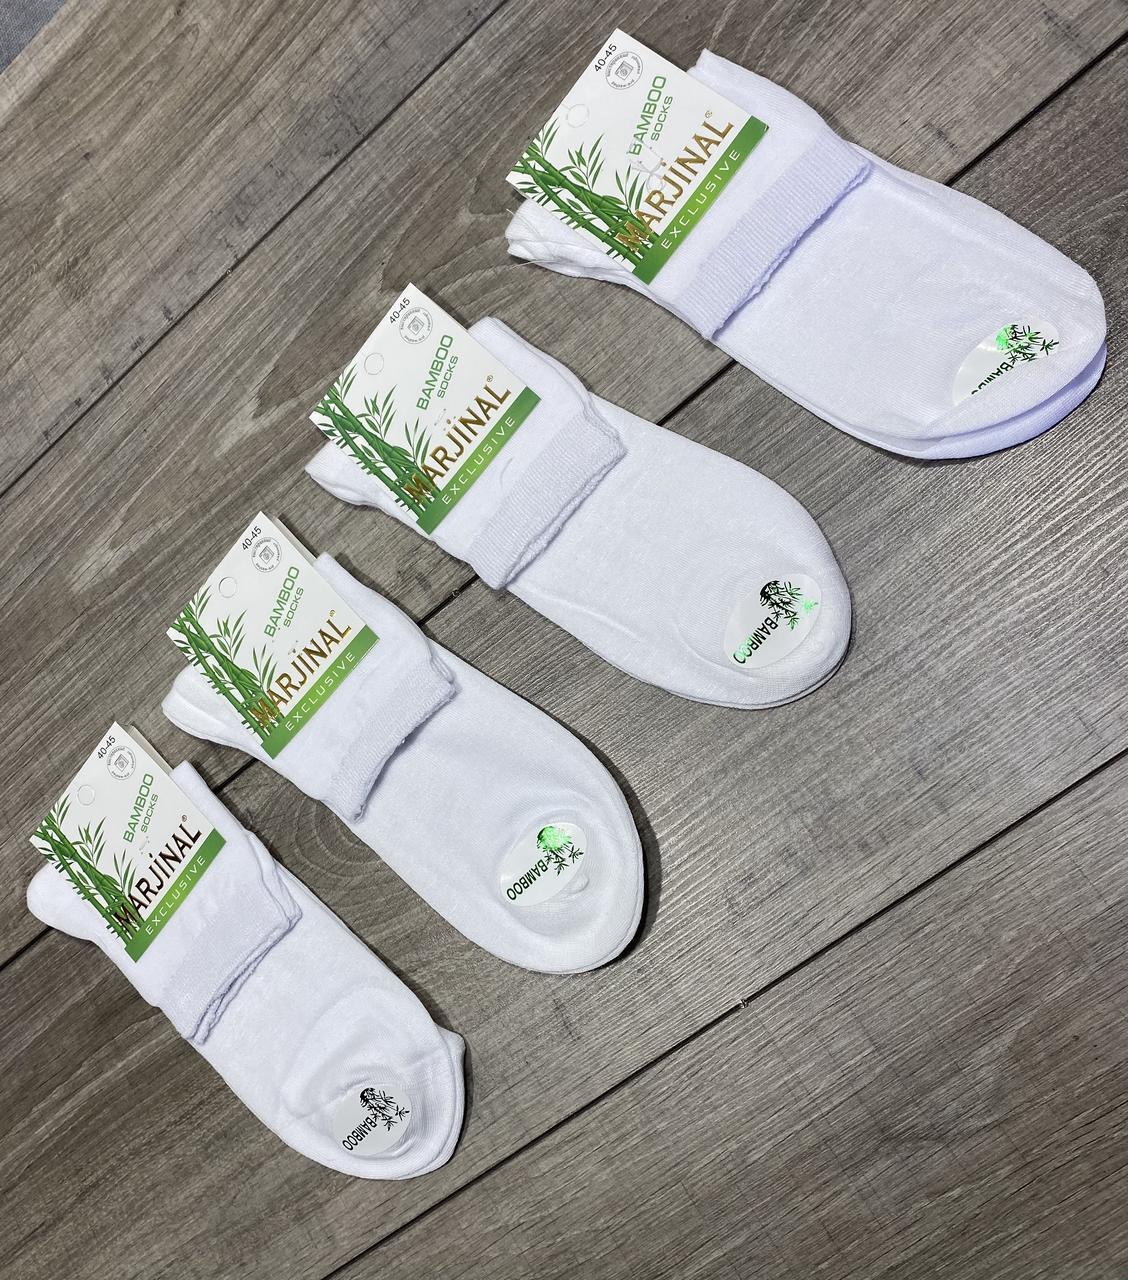 Чоловічі демісезонні шкарпетки Marjinal білі однотонні бамбук середні розмір 40-45 6 шт